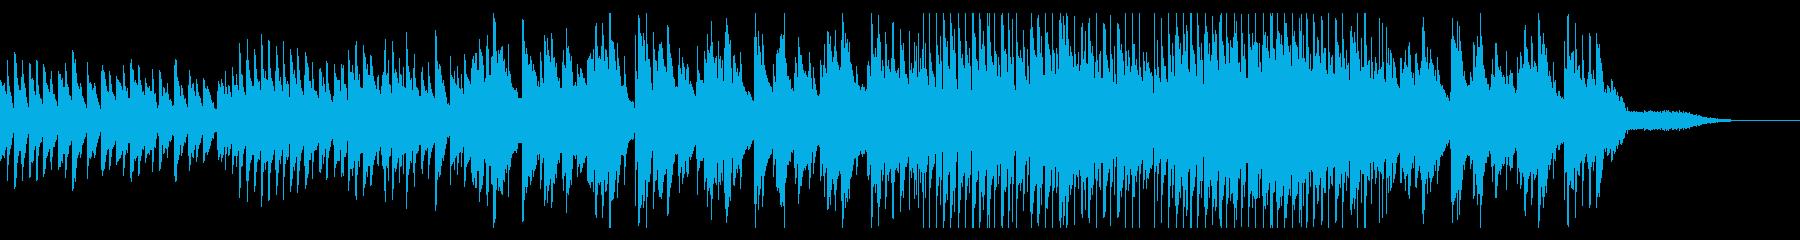 シンプルでノスタルジックなスローバラードの再生済みの波形